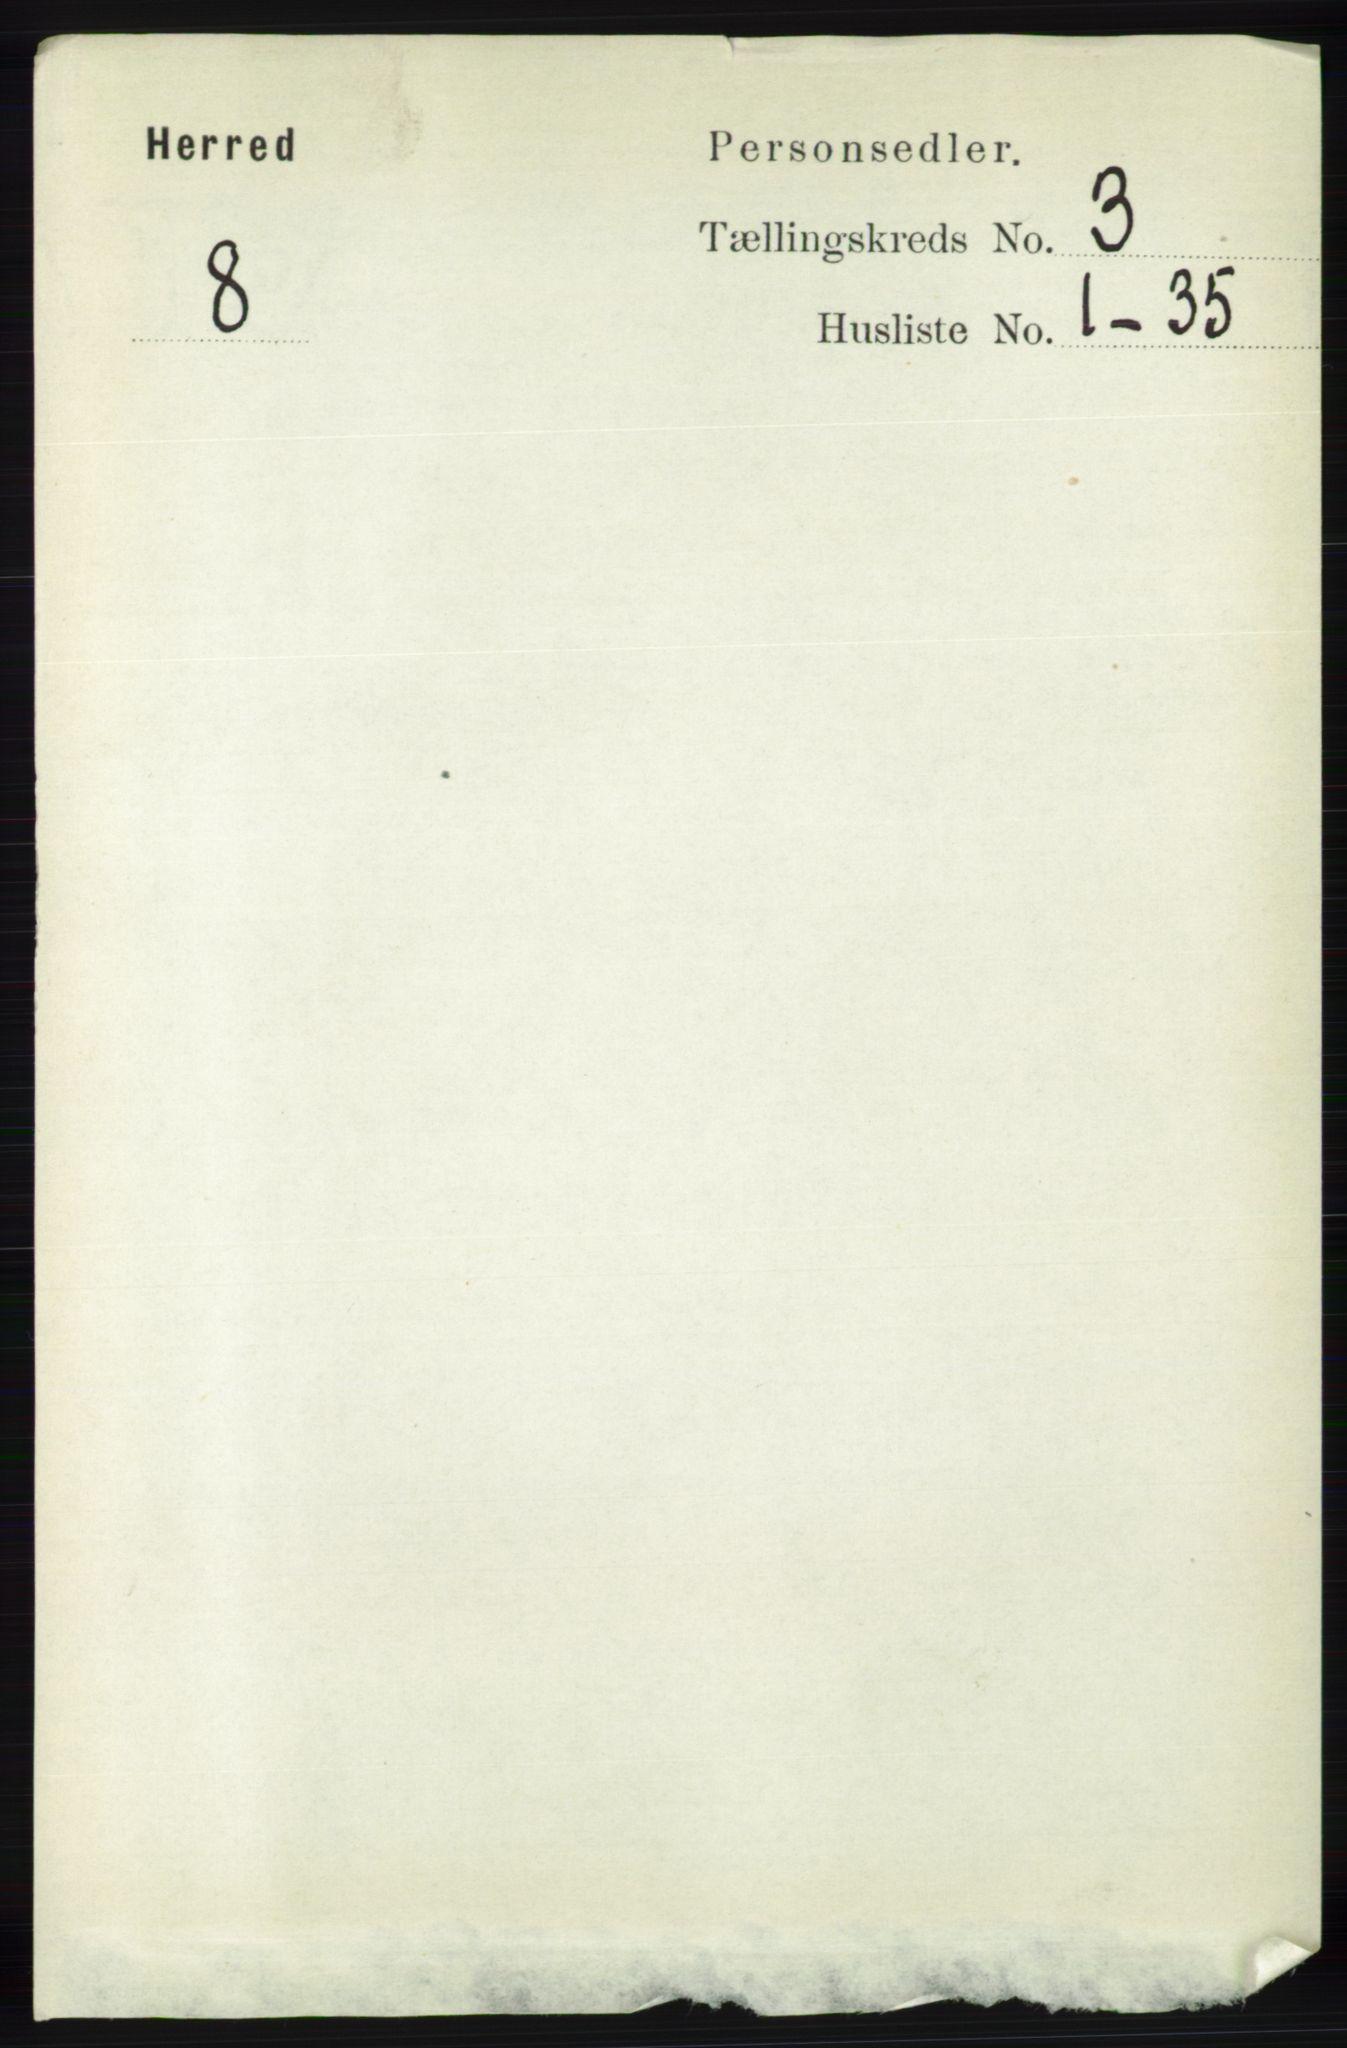 RA, Folketelling 1891 for 1039 Herad herred, 1891, s. 982